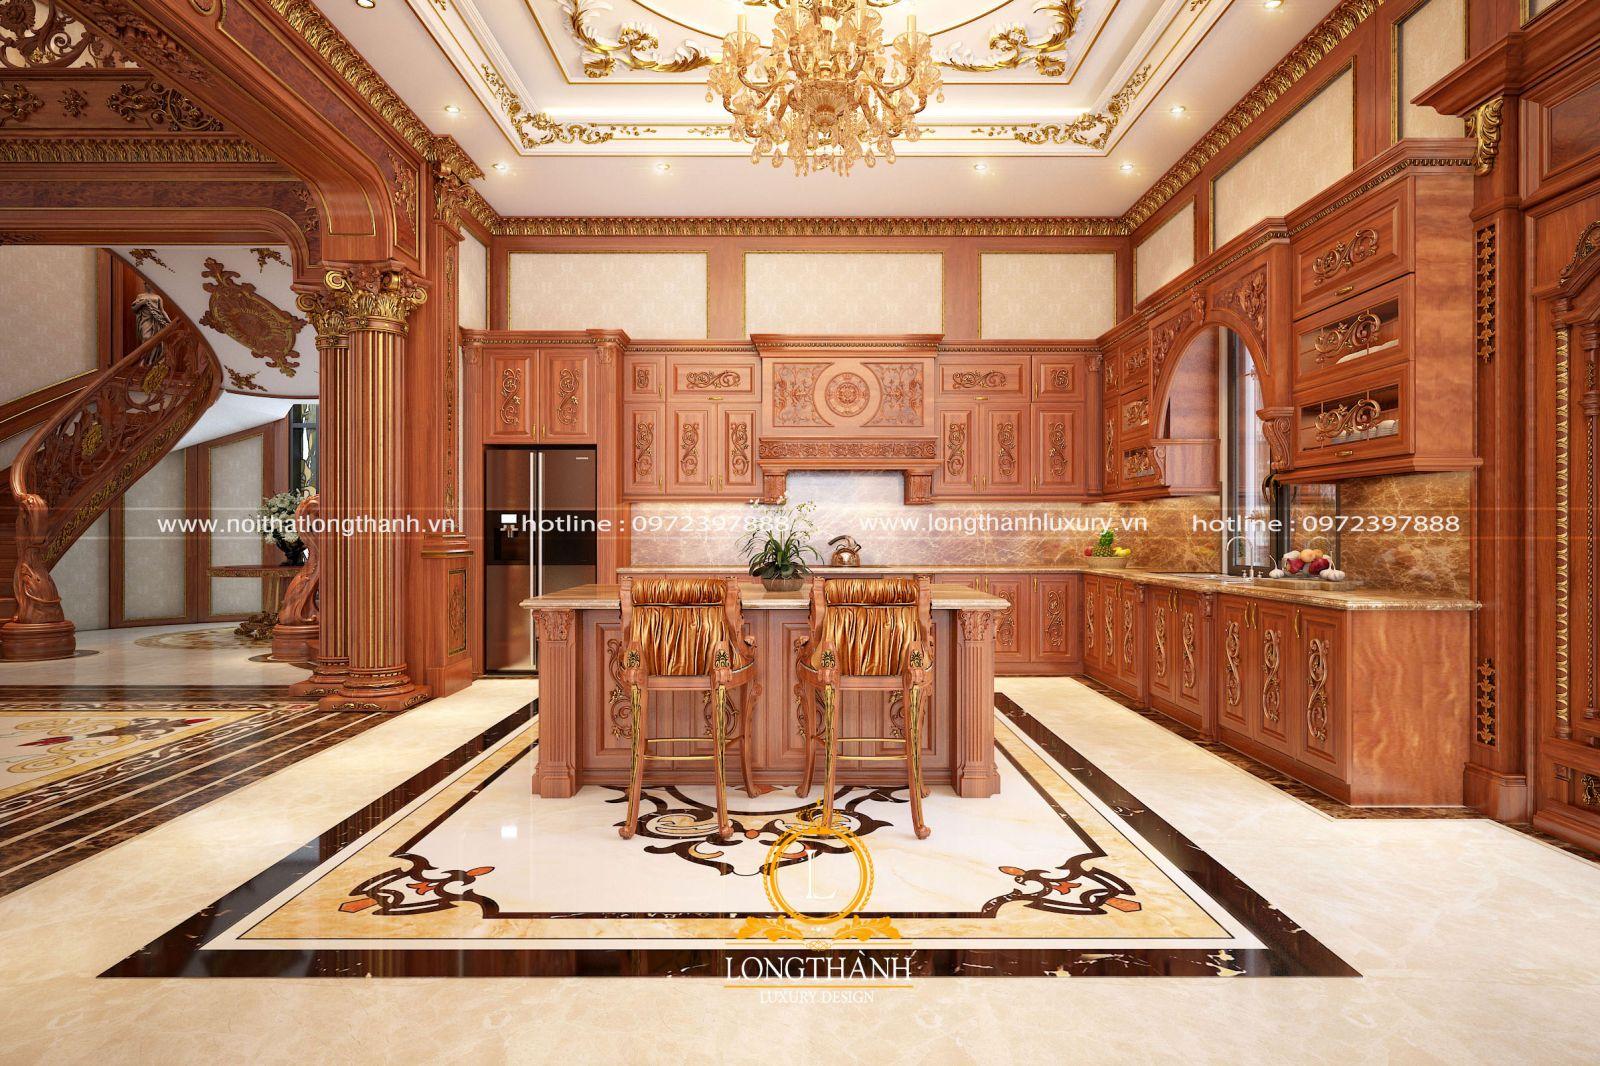 Phòng bếp biệt thự với màu nâu đỏ ấm áp và sang trọng